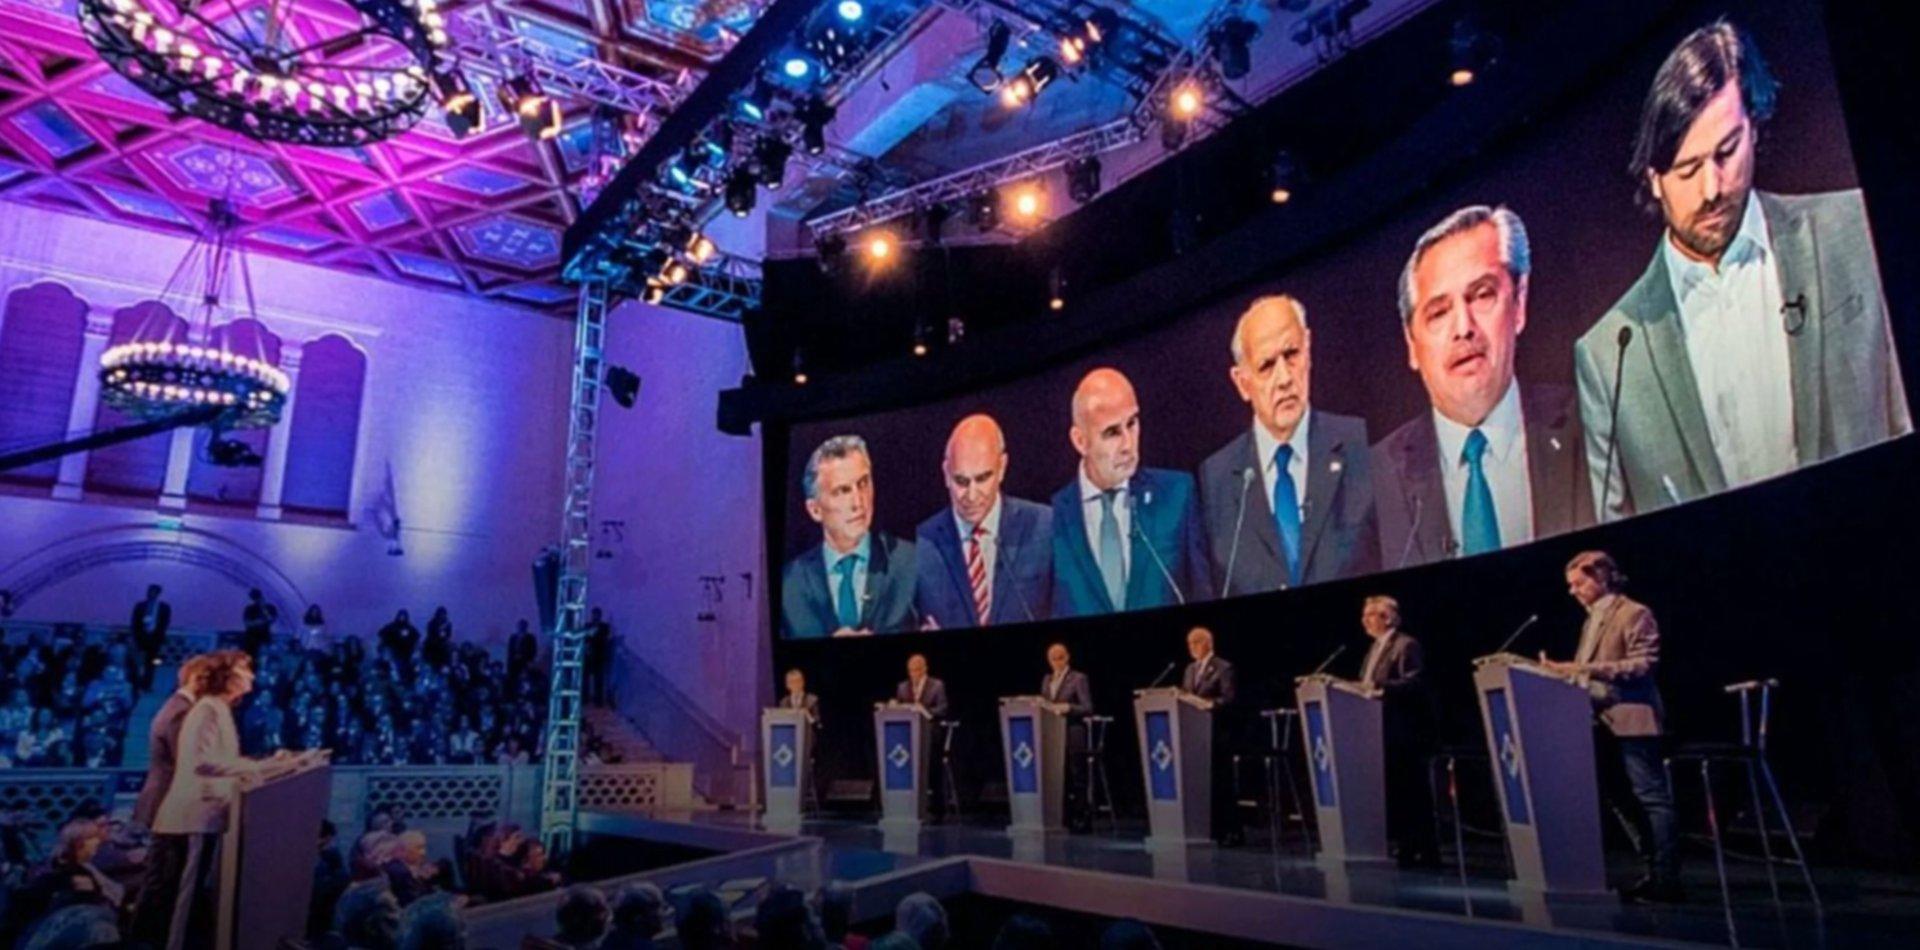 Todo lo que hay que saber sobre el segundo round del debate presidencial